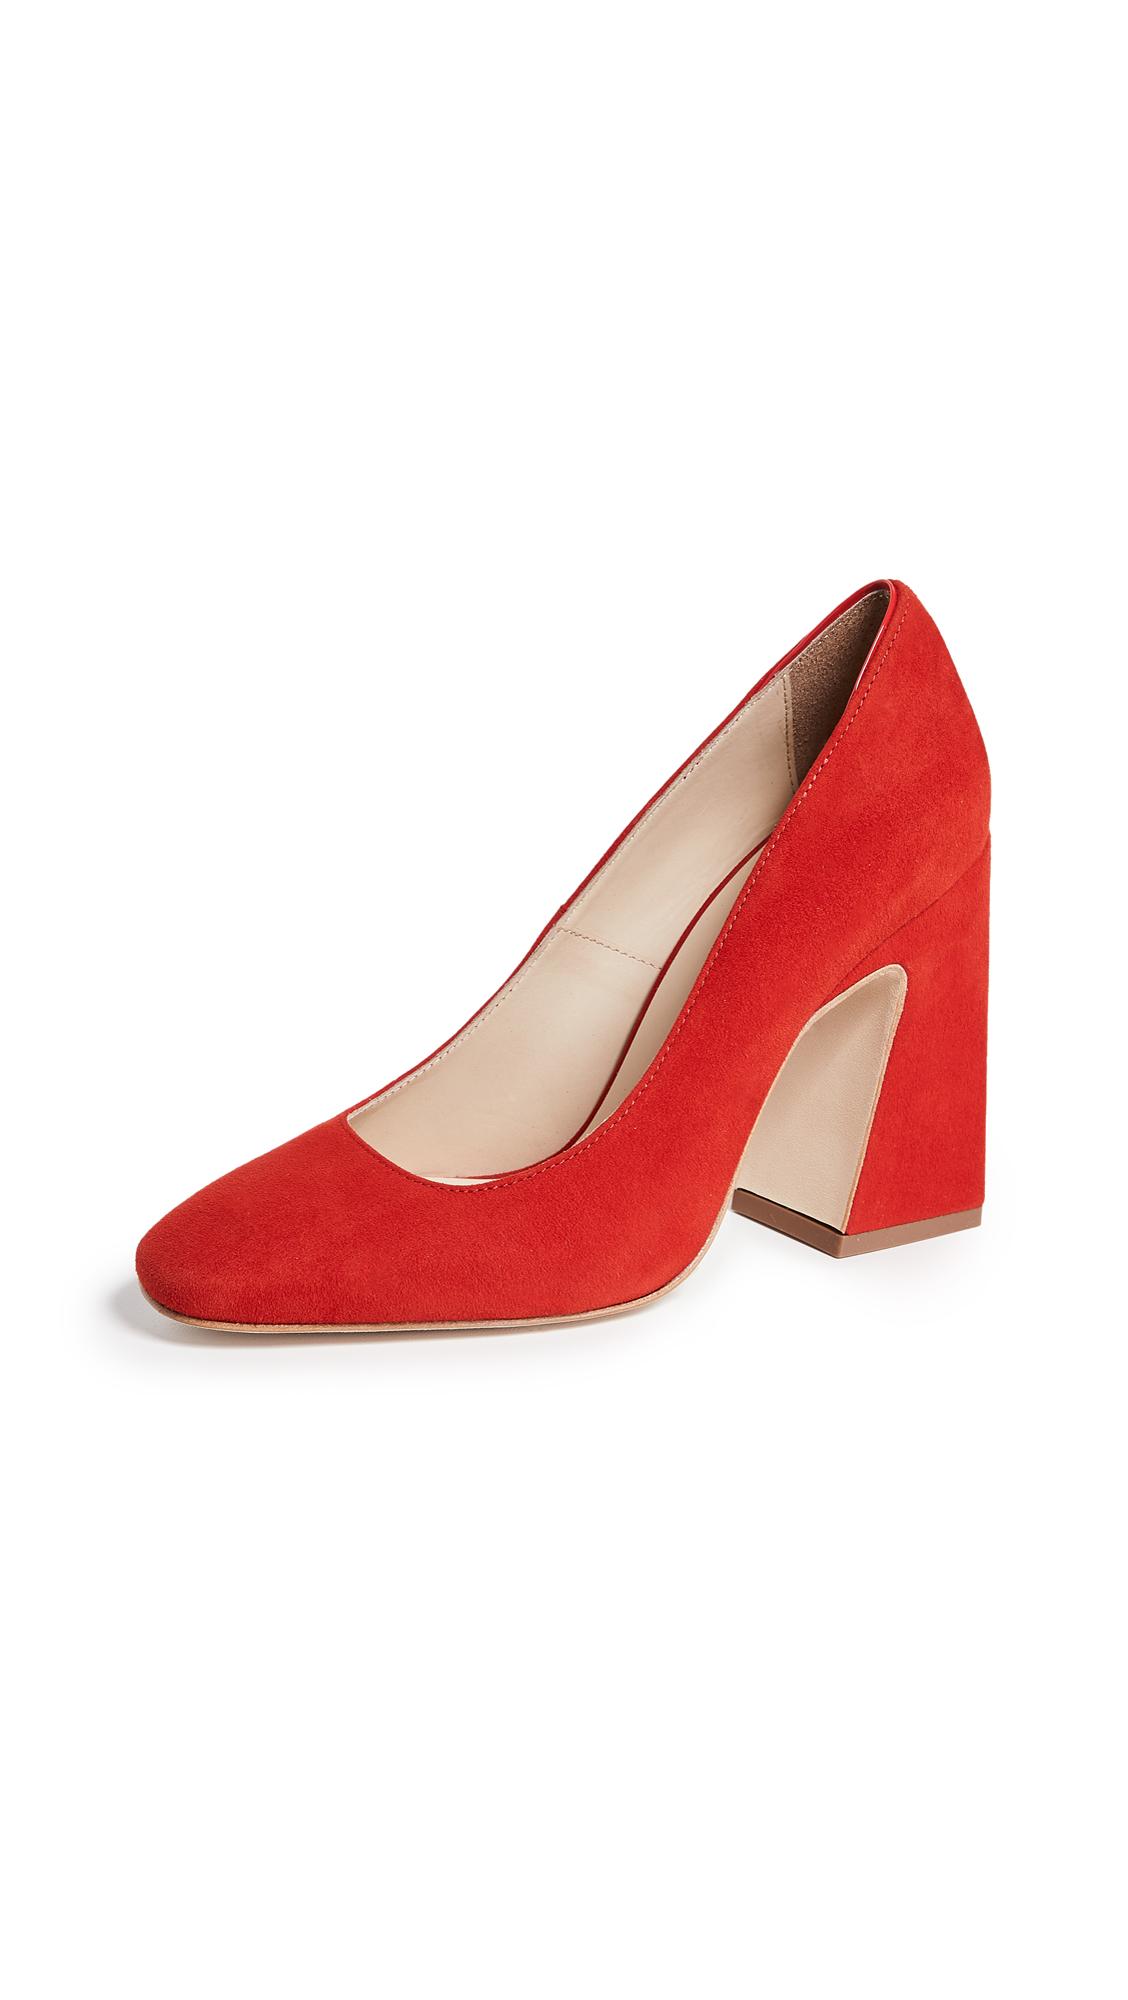 WANT Les Essentiels Daza High Pumps - True Red